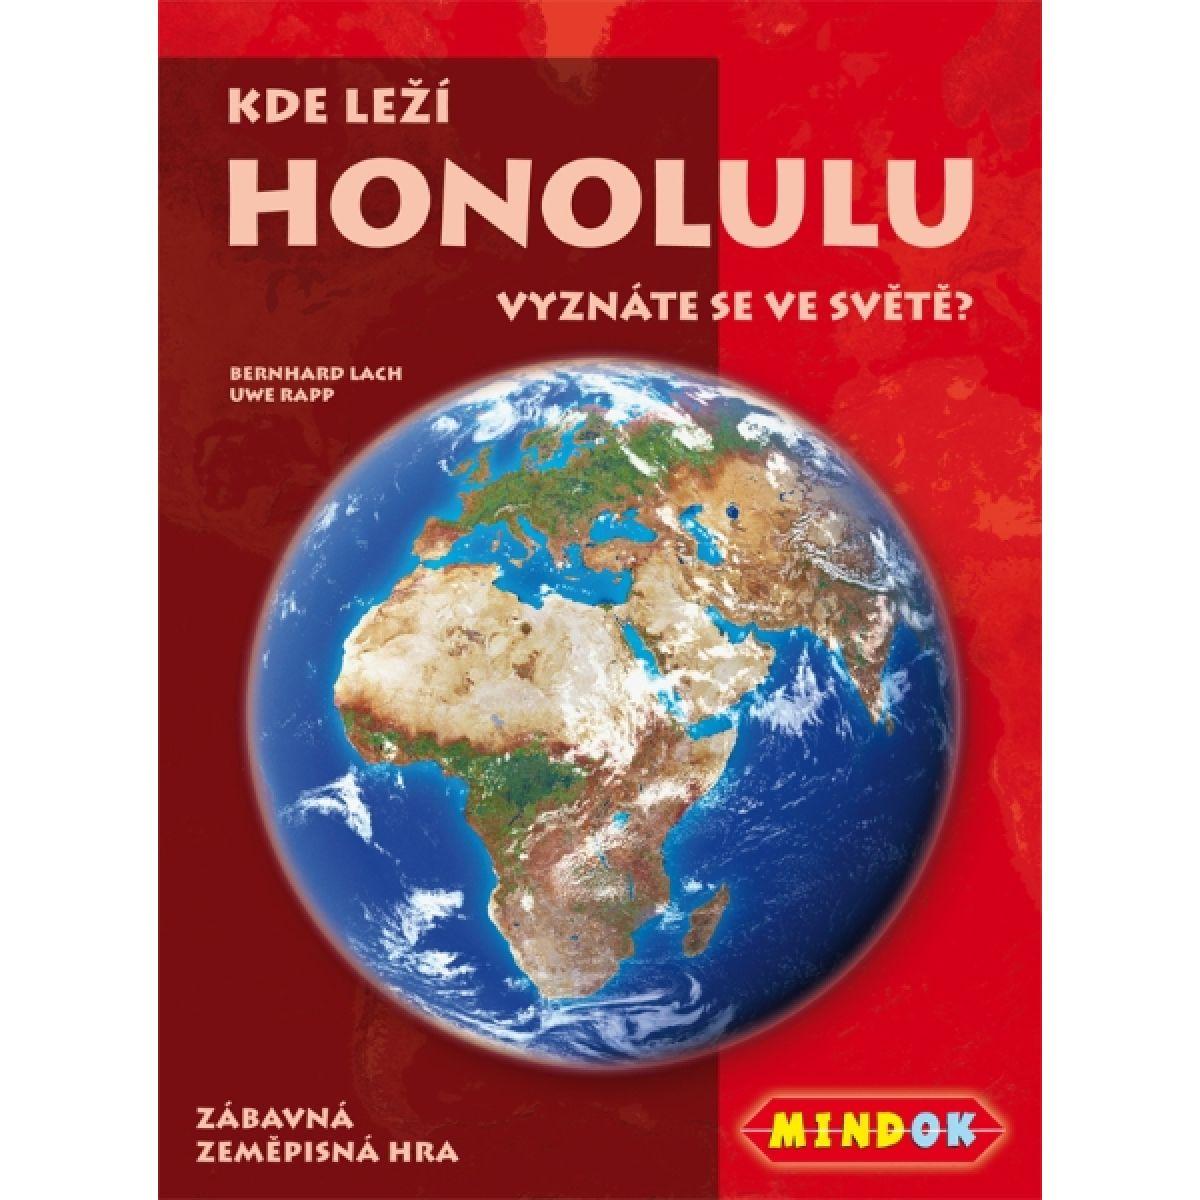 Mindok Kde leží Honolulu?